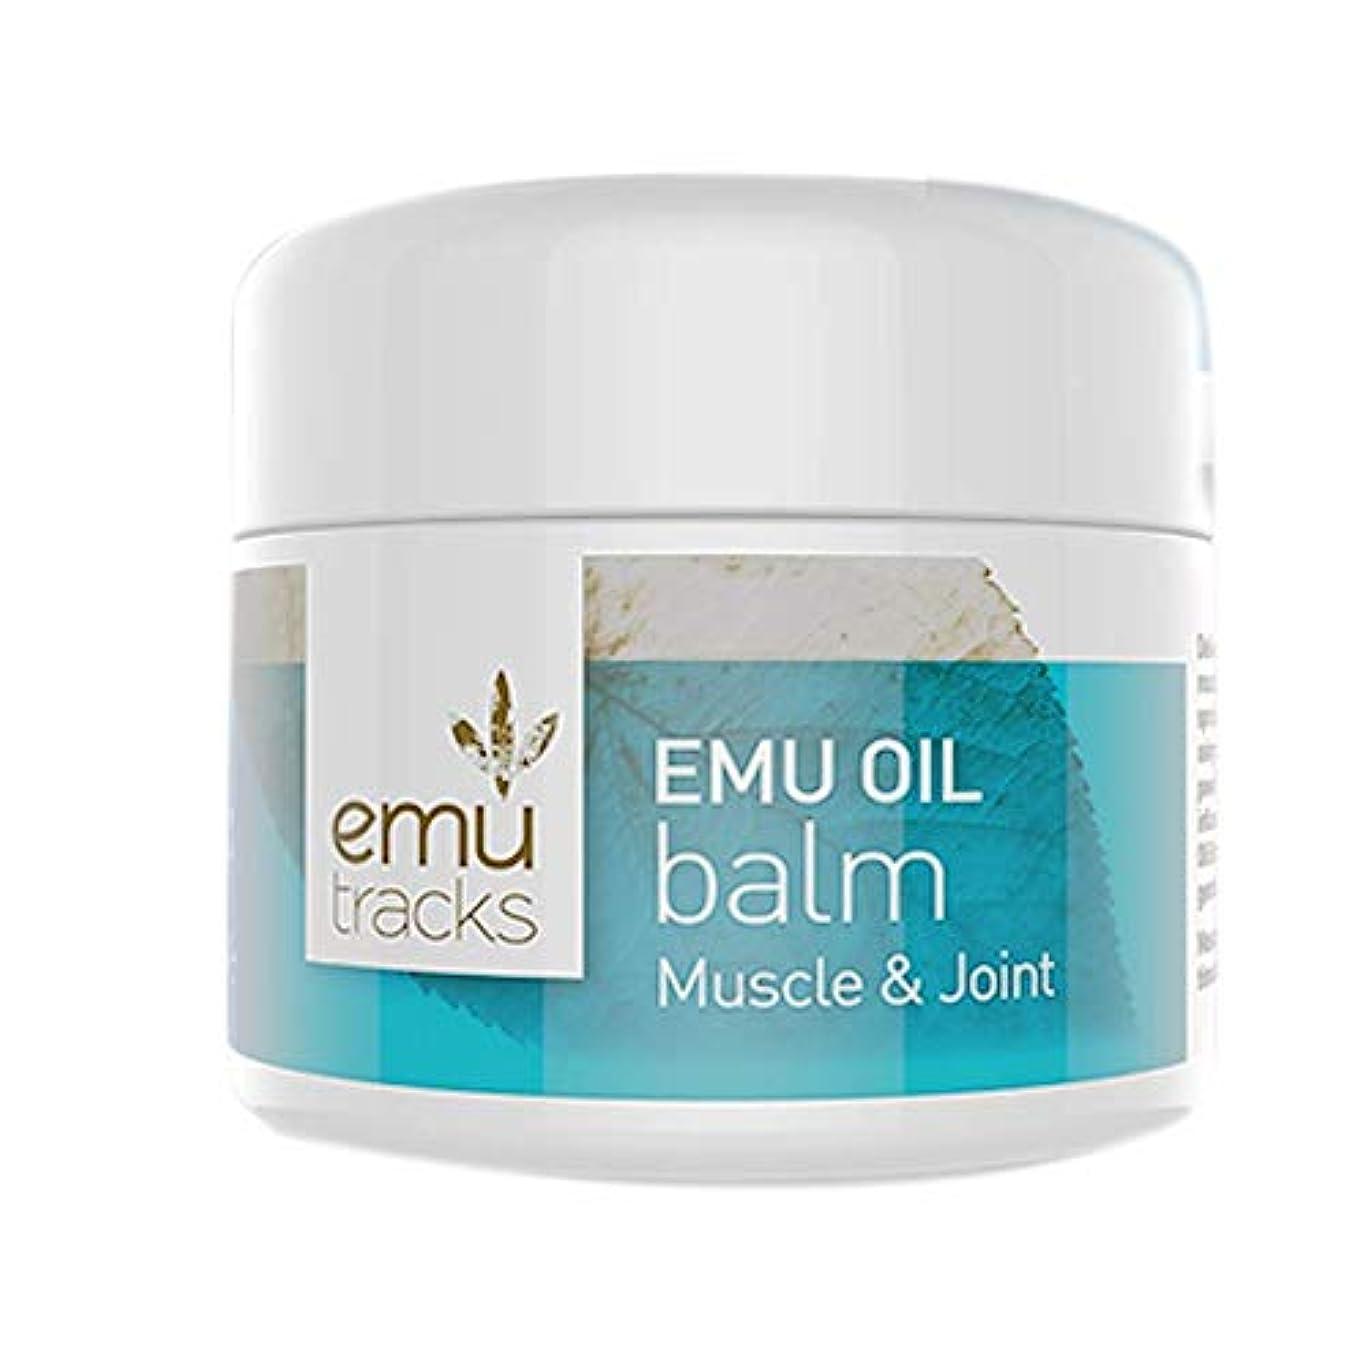 恐ろしいです満員マットレス[Emu Tracks] エミュー?オイル?バーム(Muscle & Joint)50g 【海外直送】